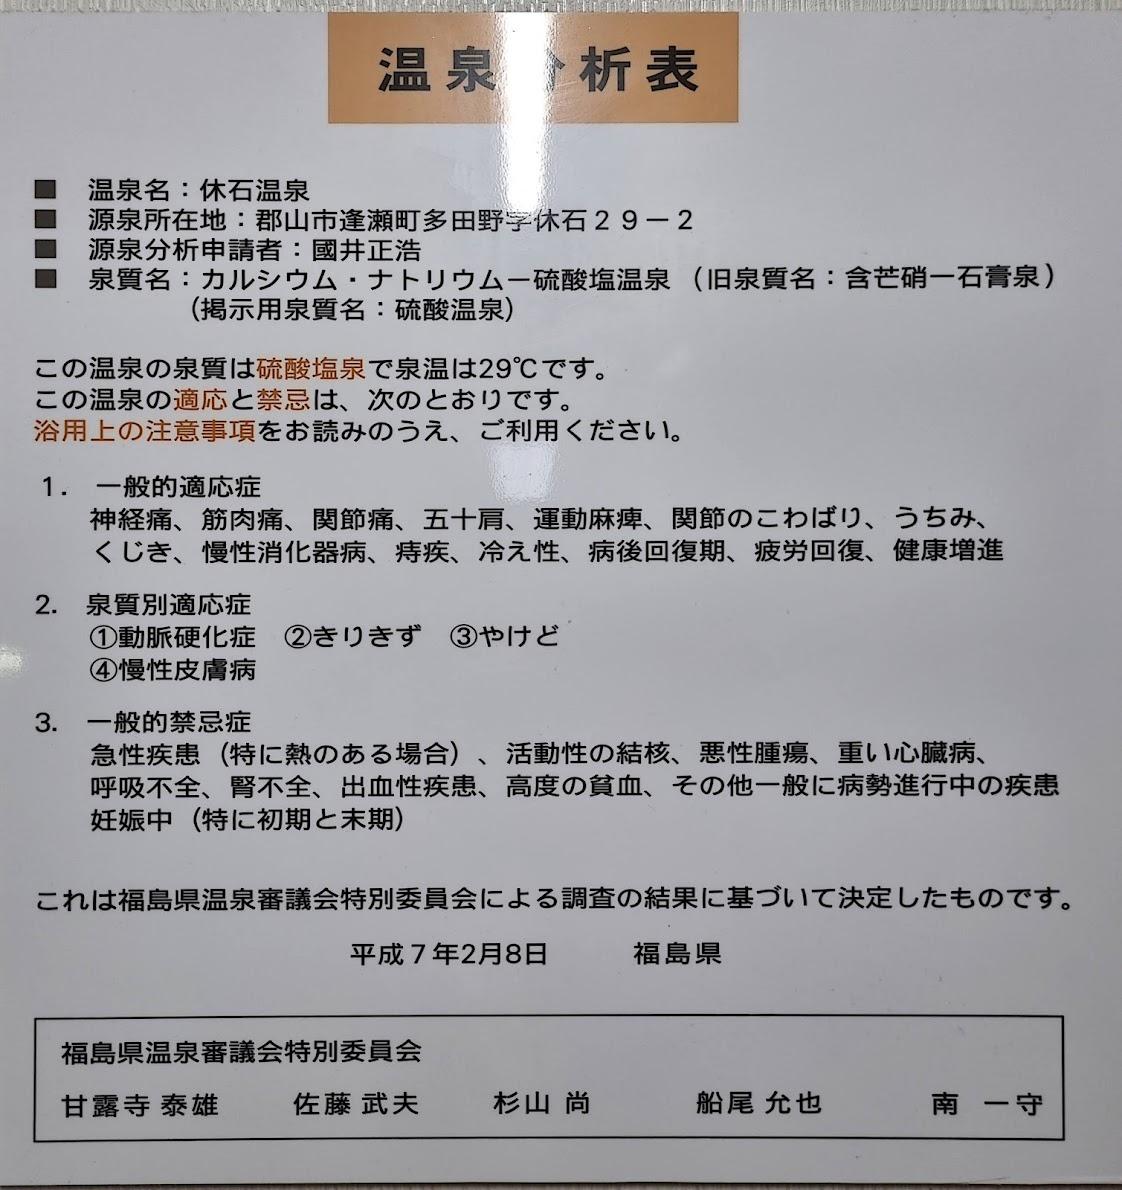 f:id:aki21719:20210728104144p:plain